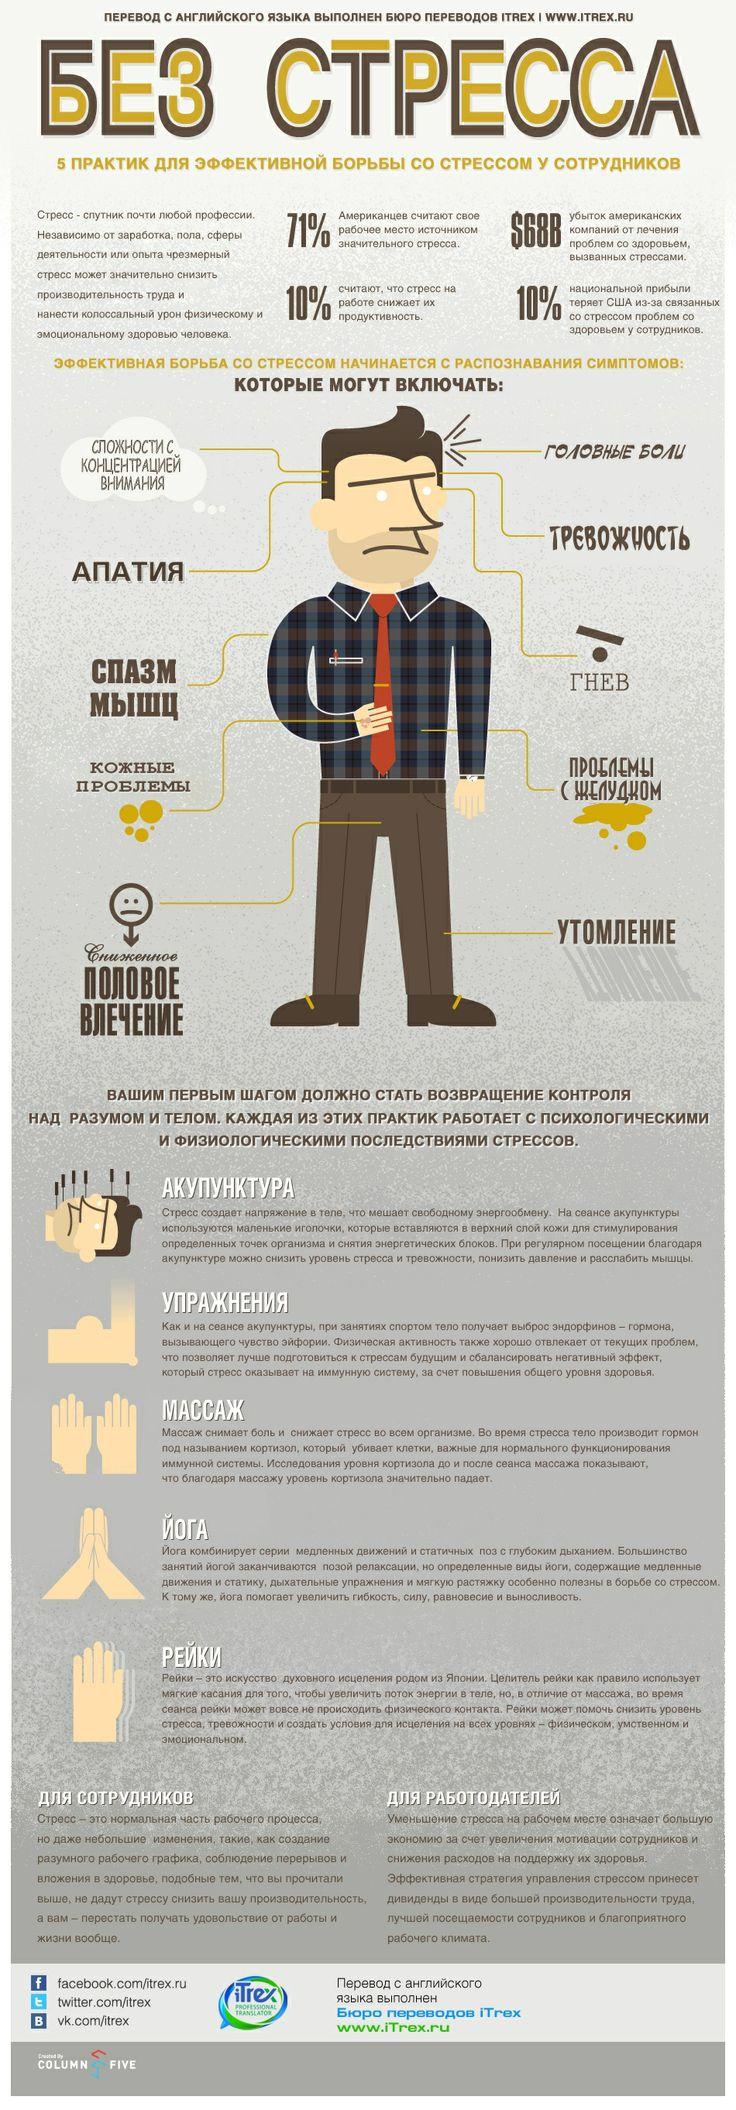 5 практик для эффективной борьбы со стрессом у сотрудников. Помогите себе и своему бизнесу, ведь известно, что счастливый работник приносит гораздо больше пользы.#инфографика